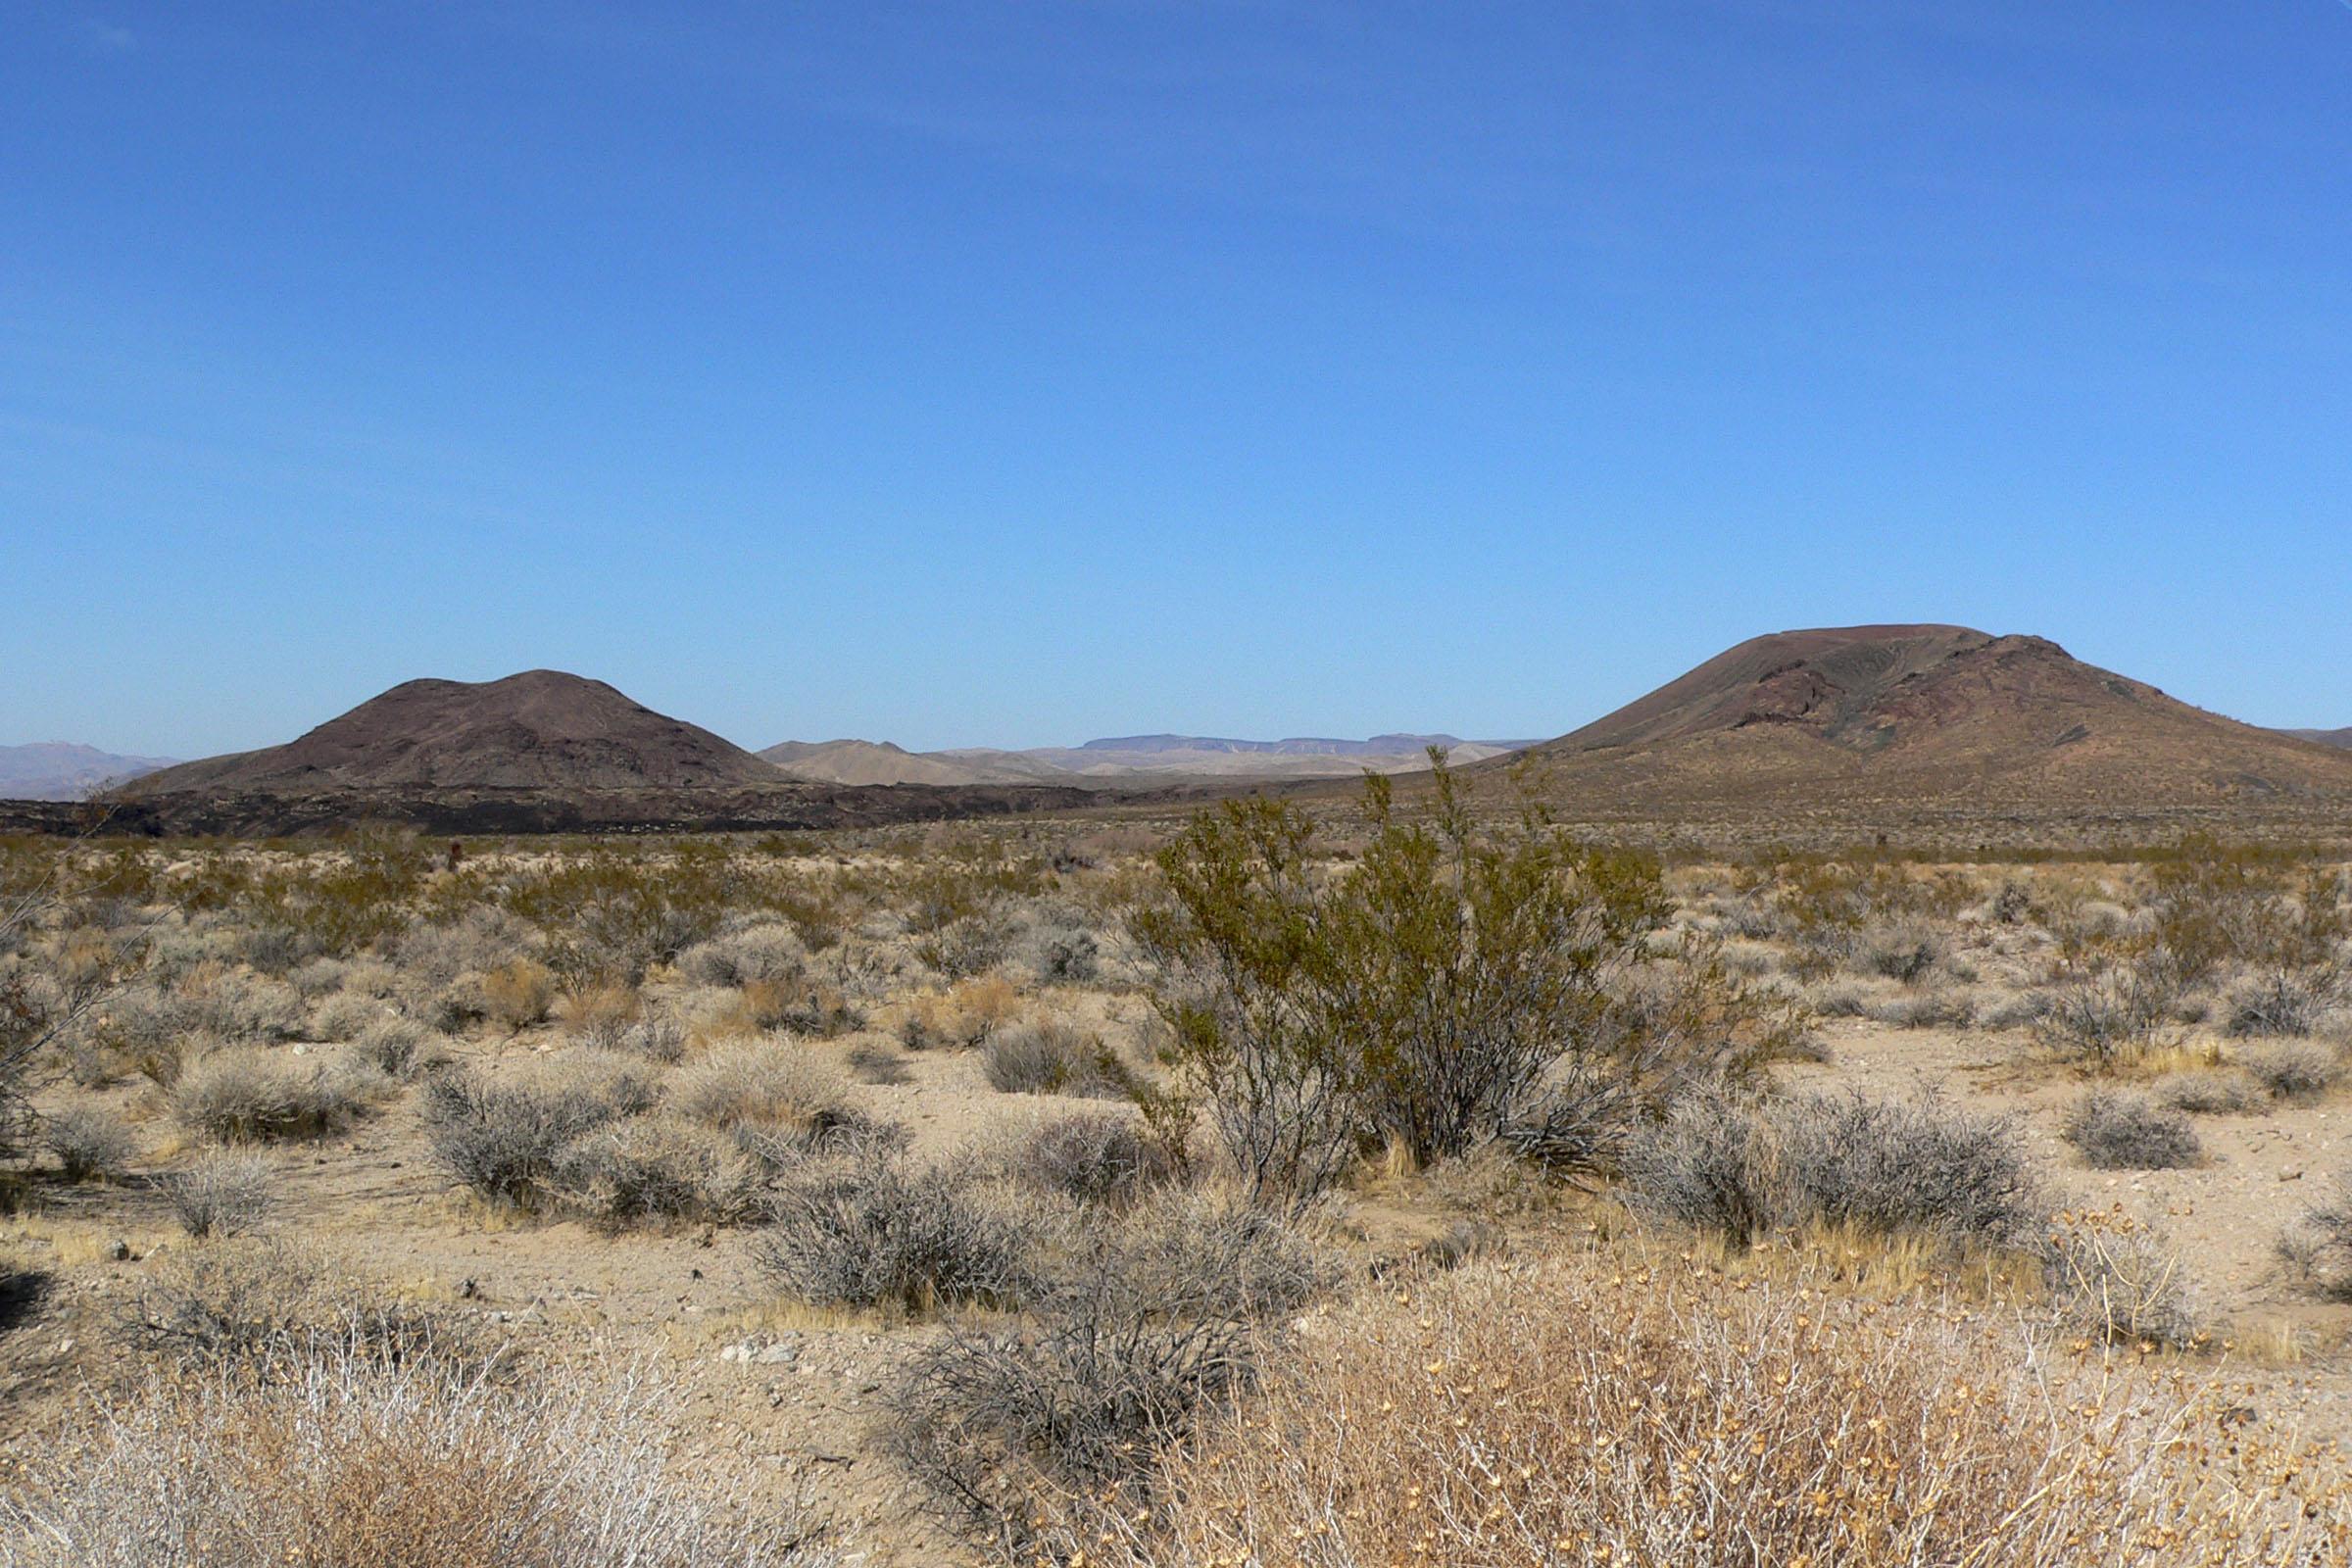 Mojave desert deserts arable land